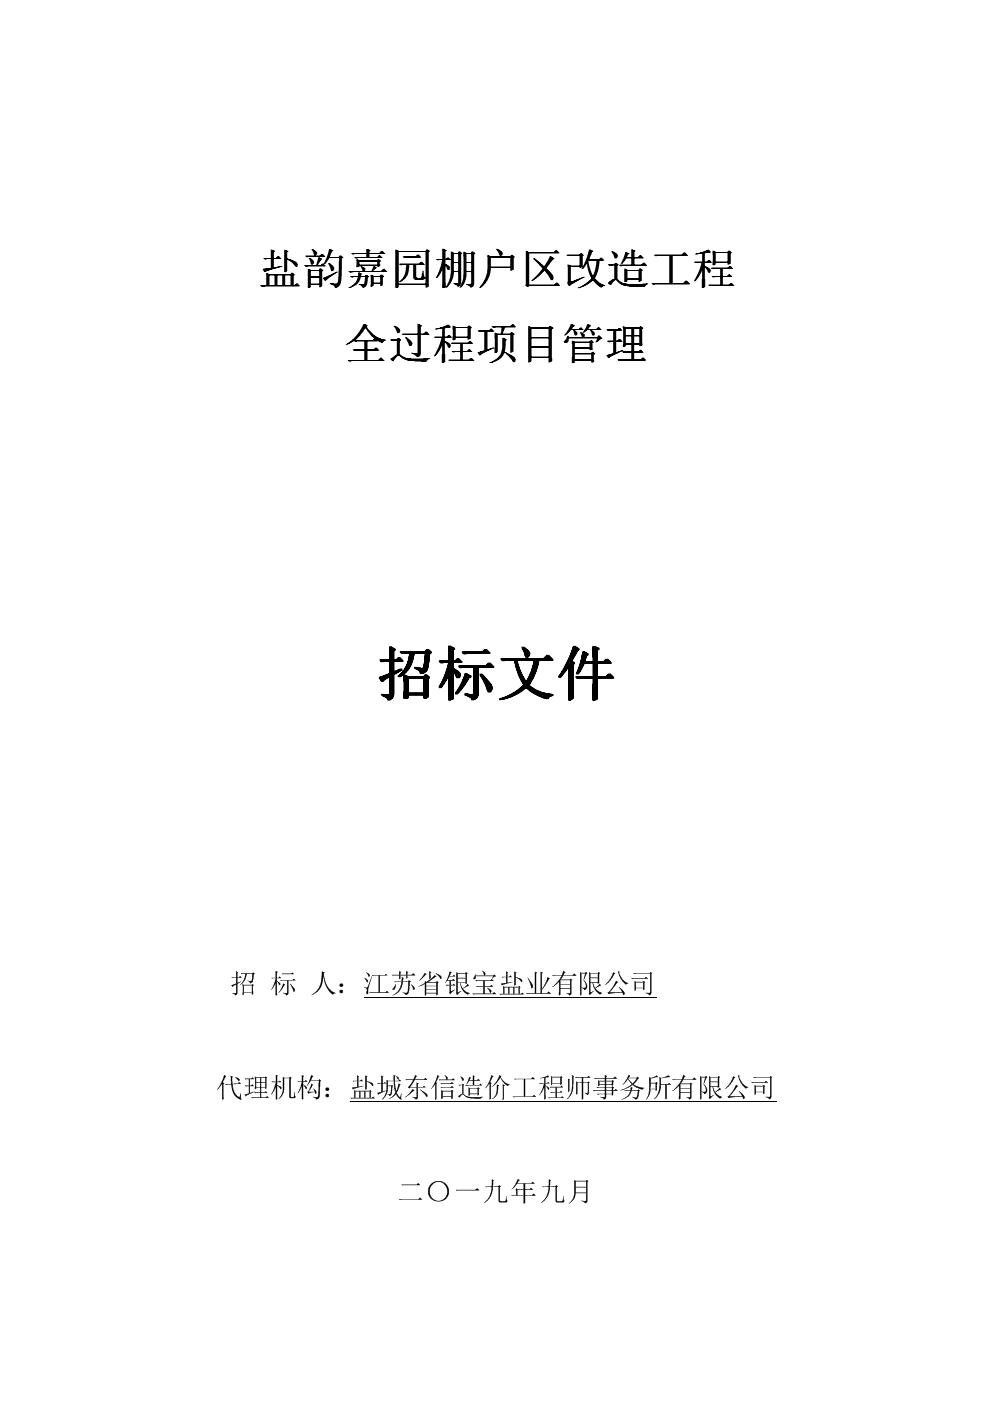 盐韵嘉园棚户区改造工程全过程项目管理招标文件.doc